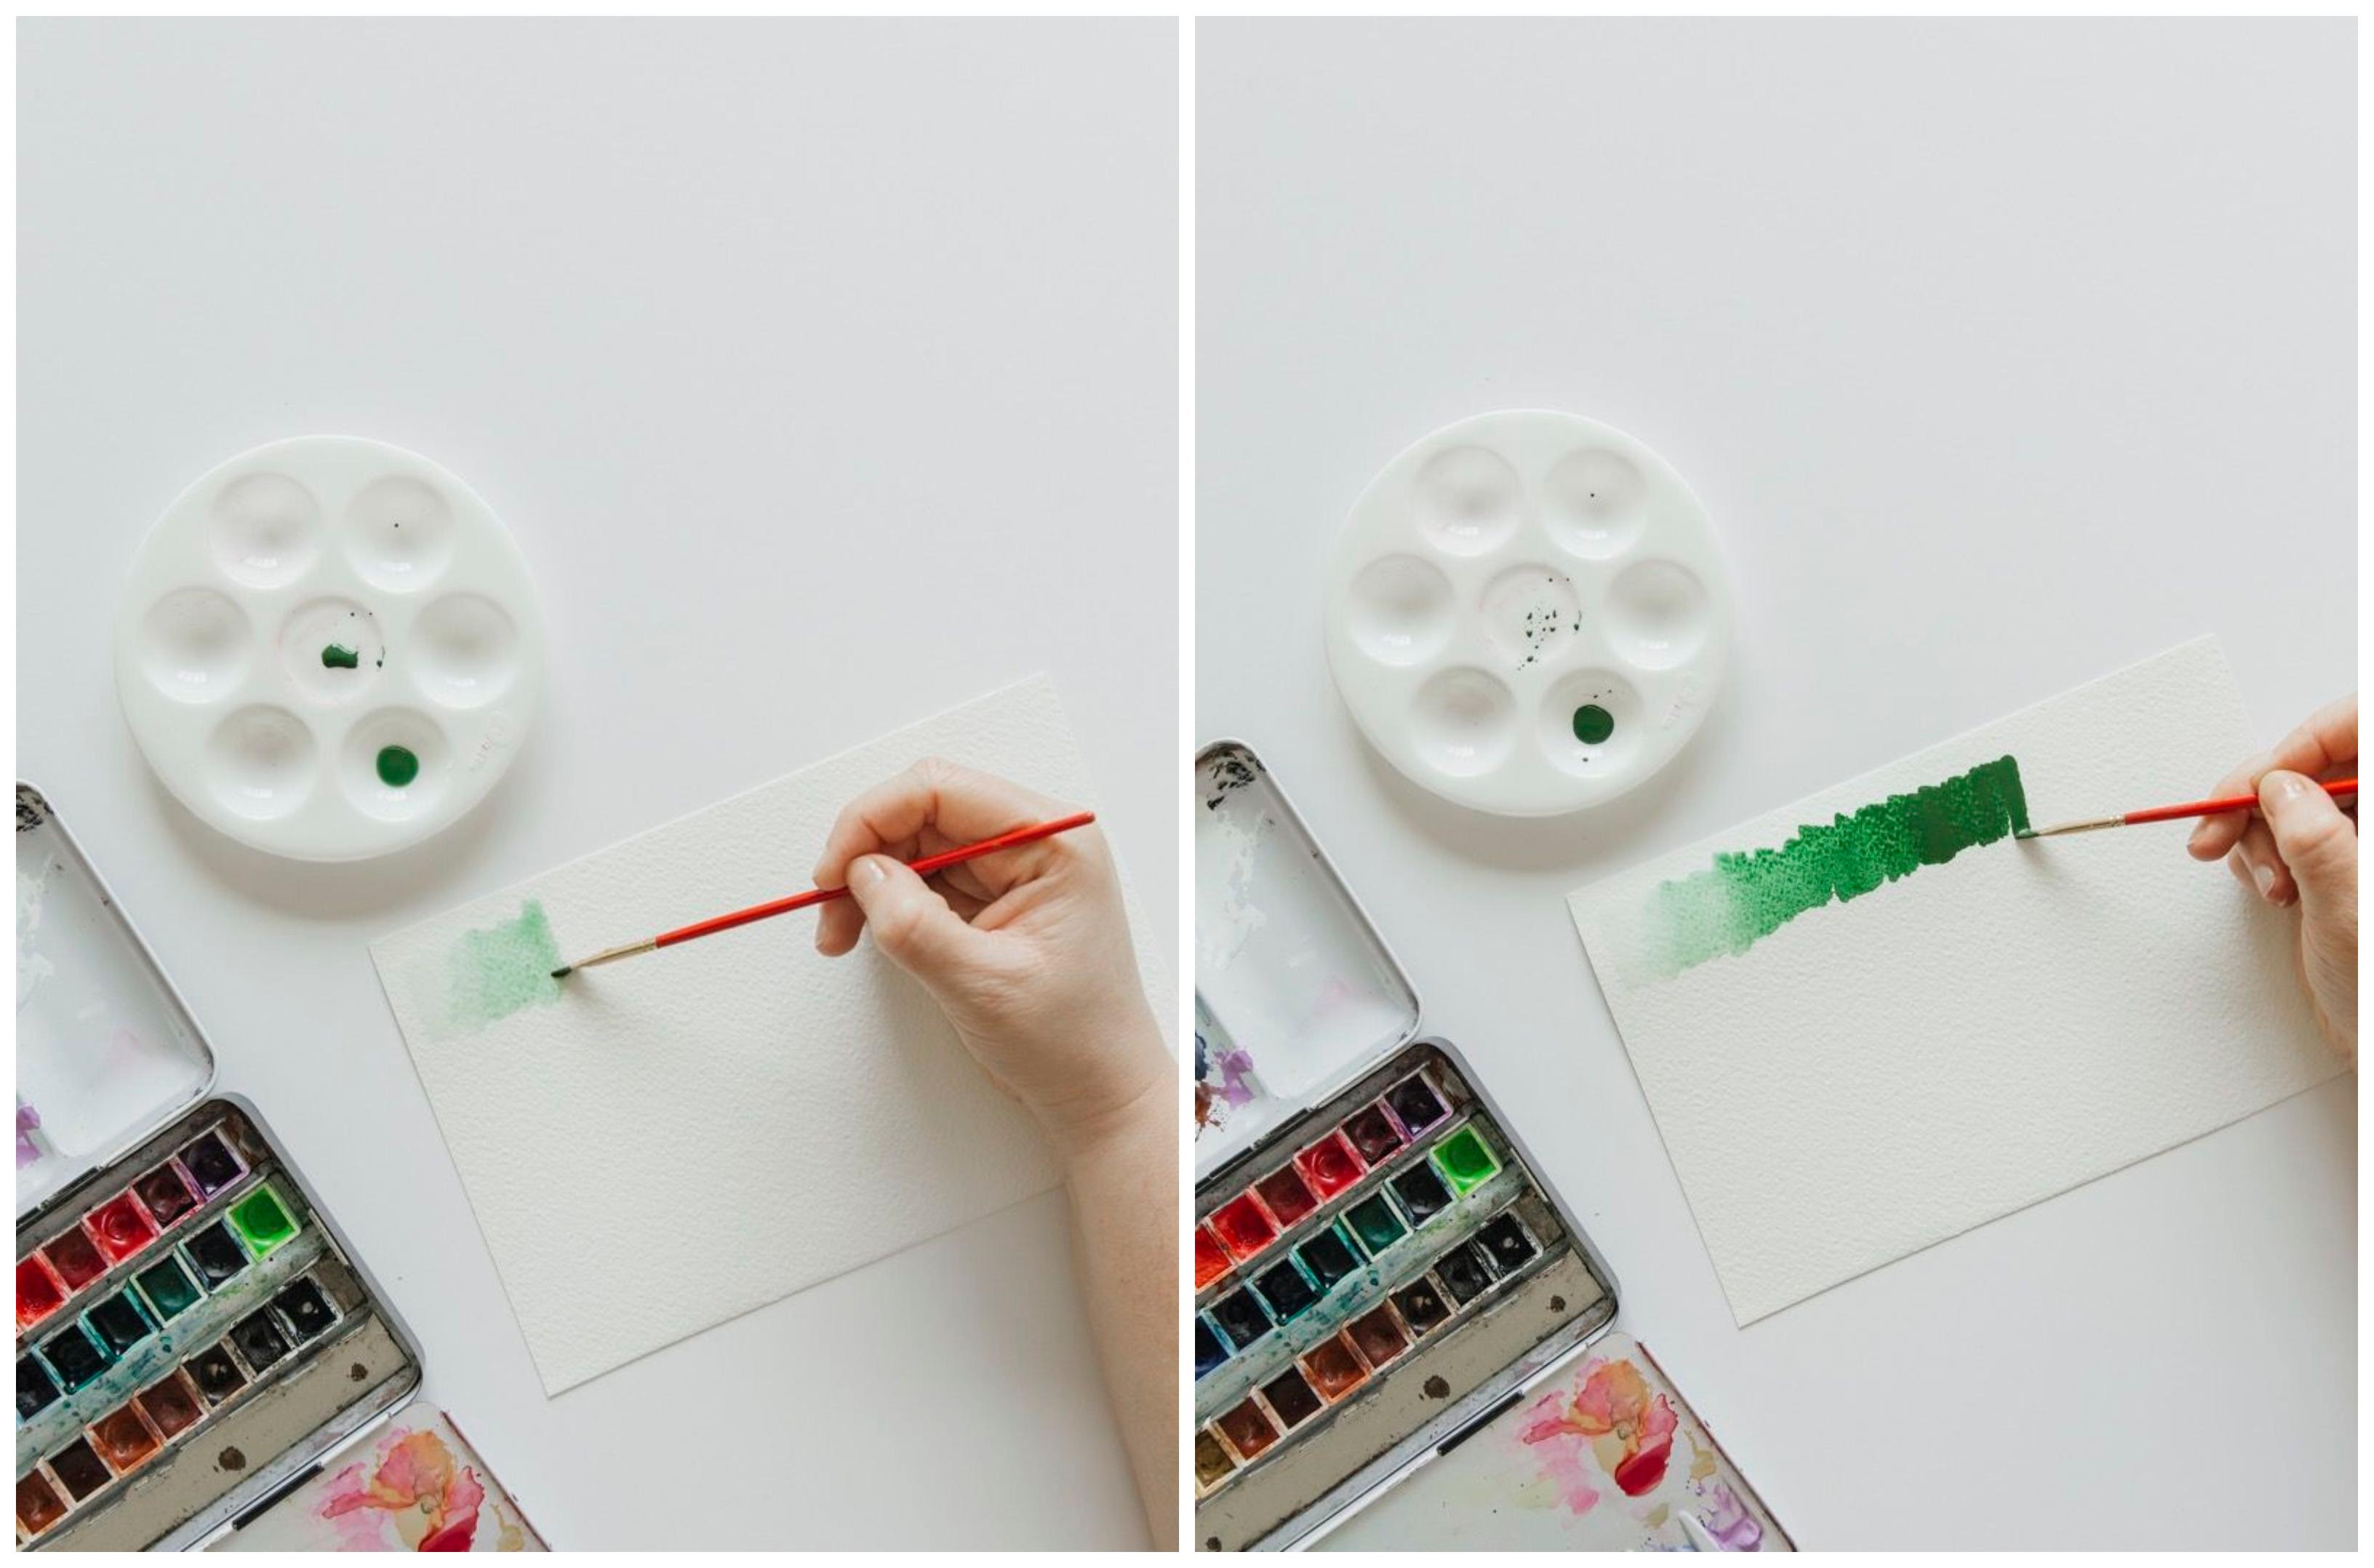 interesantes ideas de tecnicas de pintura, ideas sobre como graduar los colores con pintura acuarela, pintar es facil